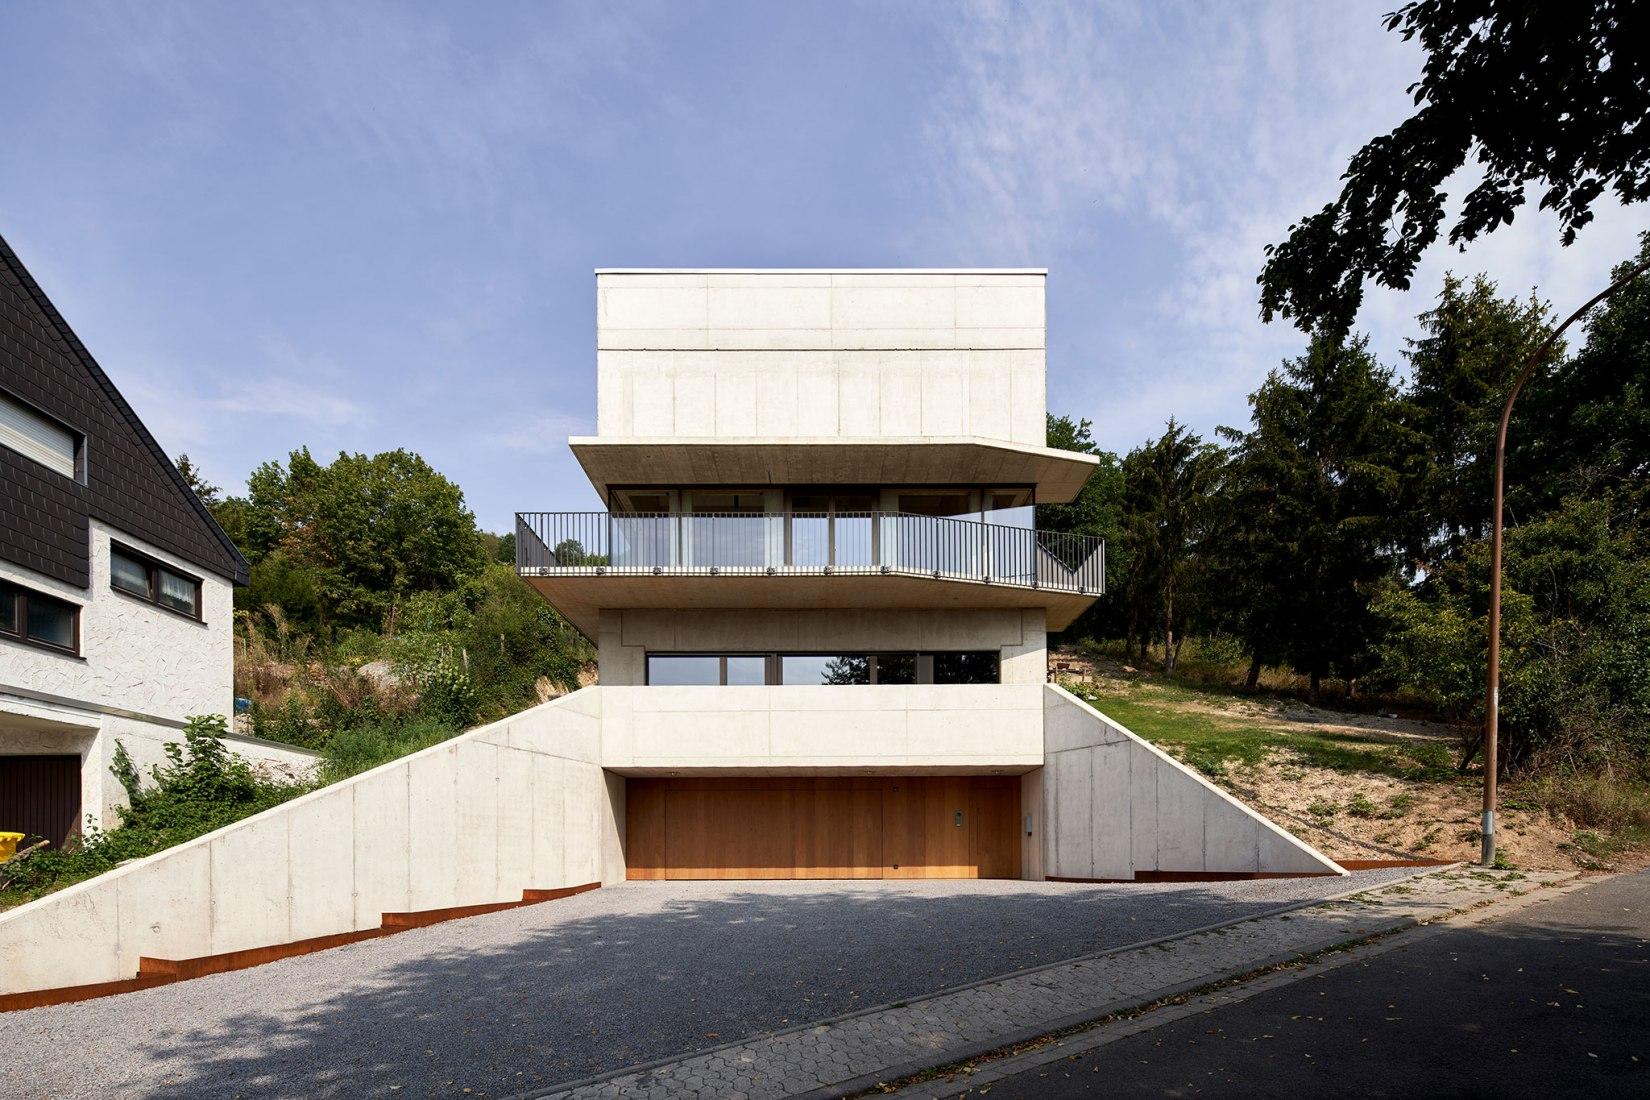 Röhrig House by Studio Hertweck. Photograph by Bildpark / Veit Landwehr.